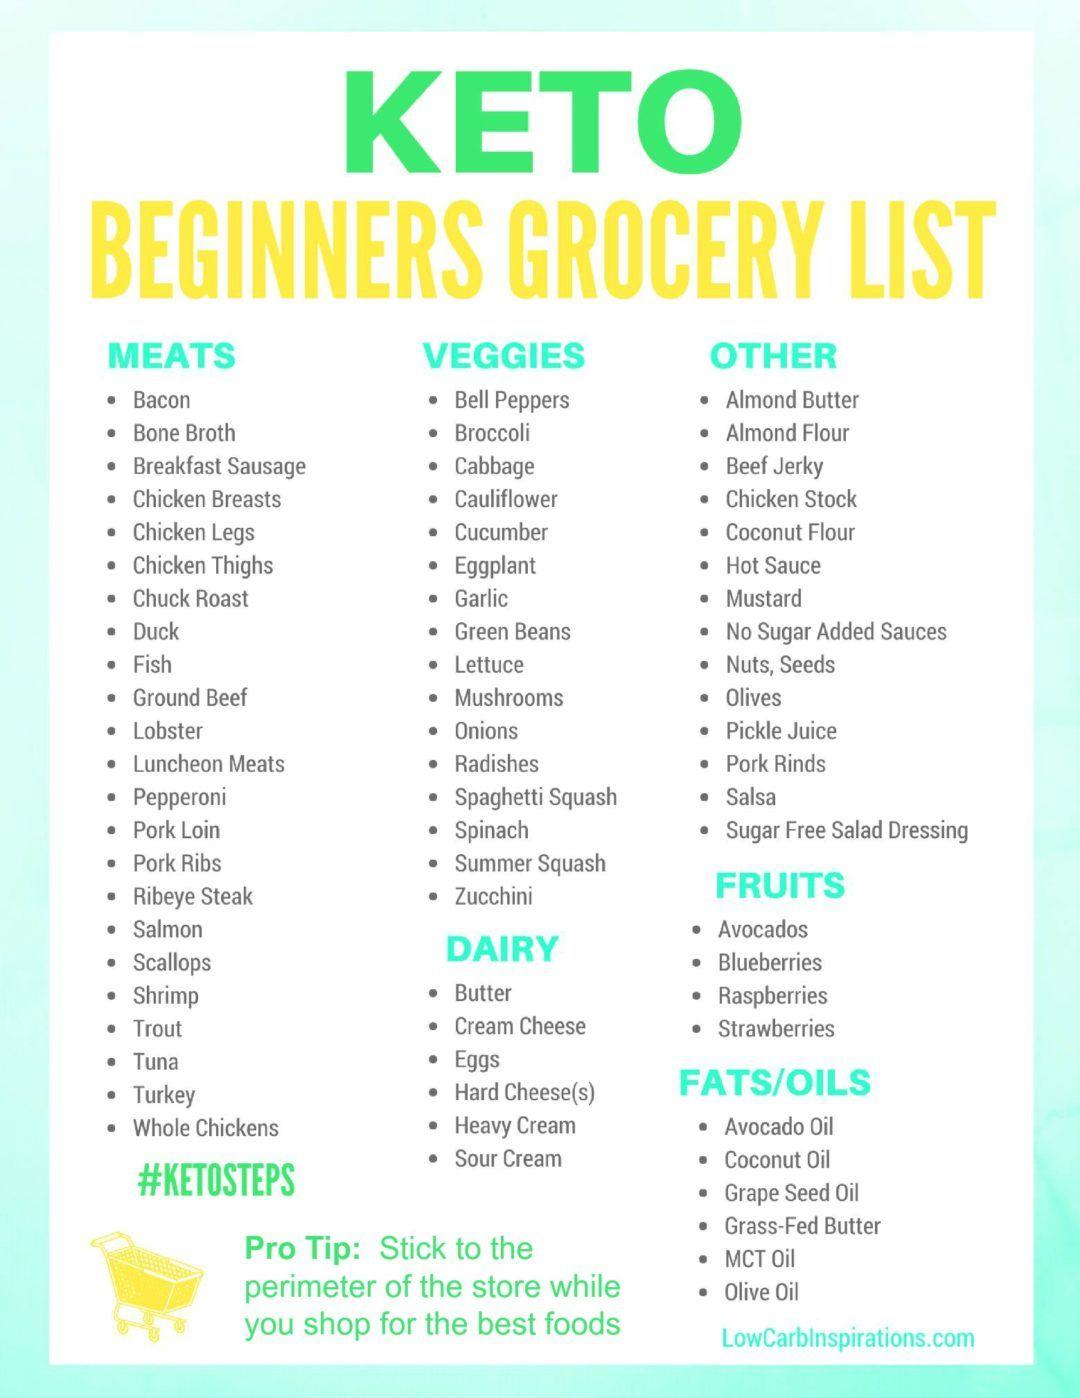 Keto Grocery List for Beginners Keto for beginners, Keto